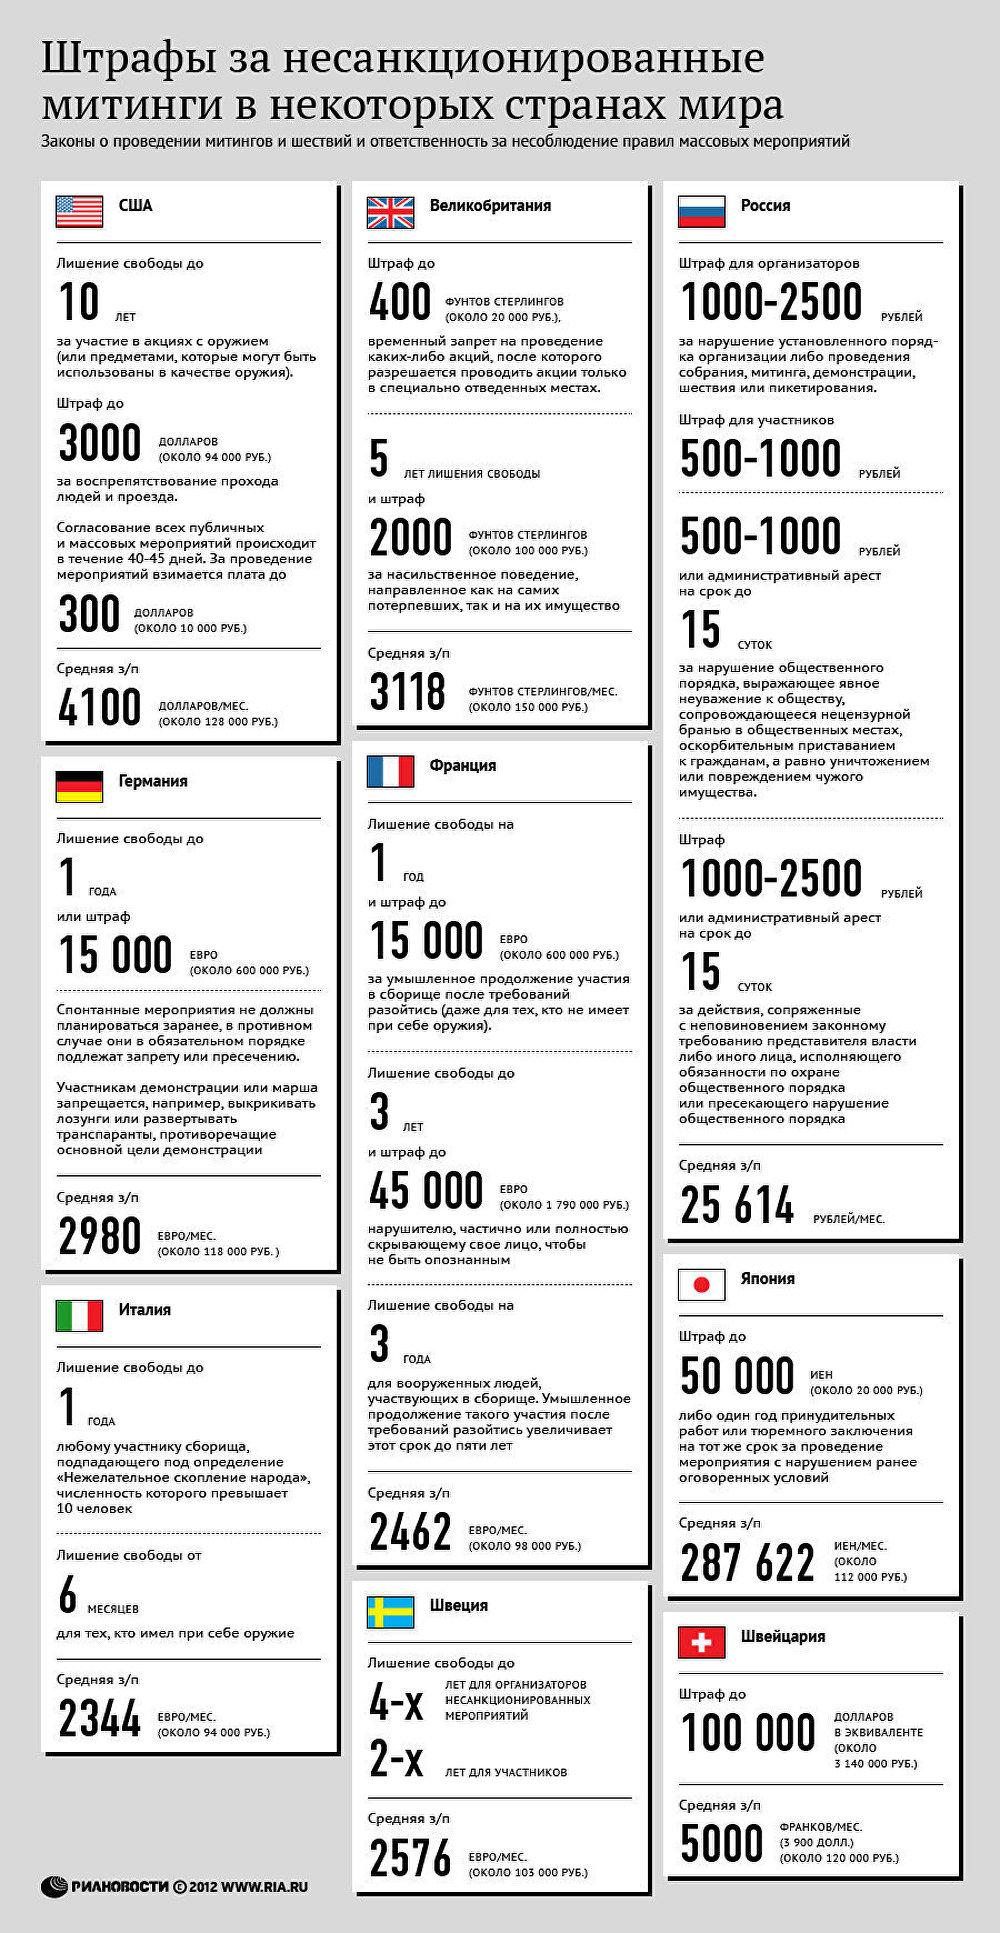 Штрафы за несанкционированные митинги в некоторых странах мира